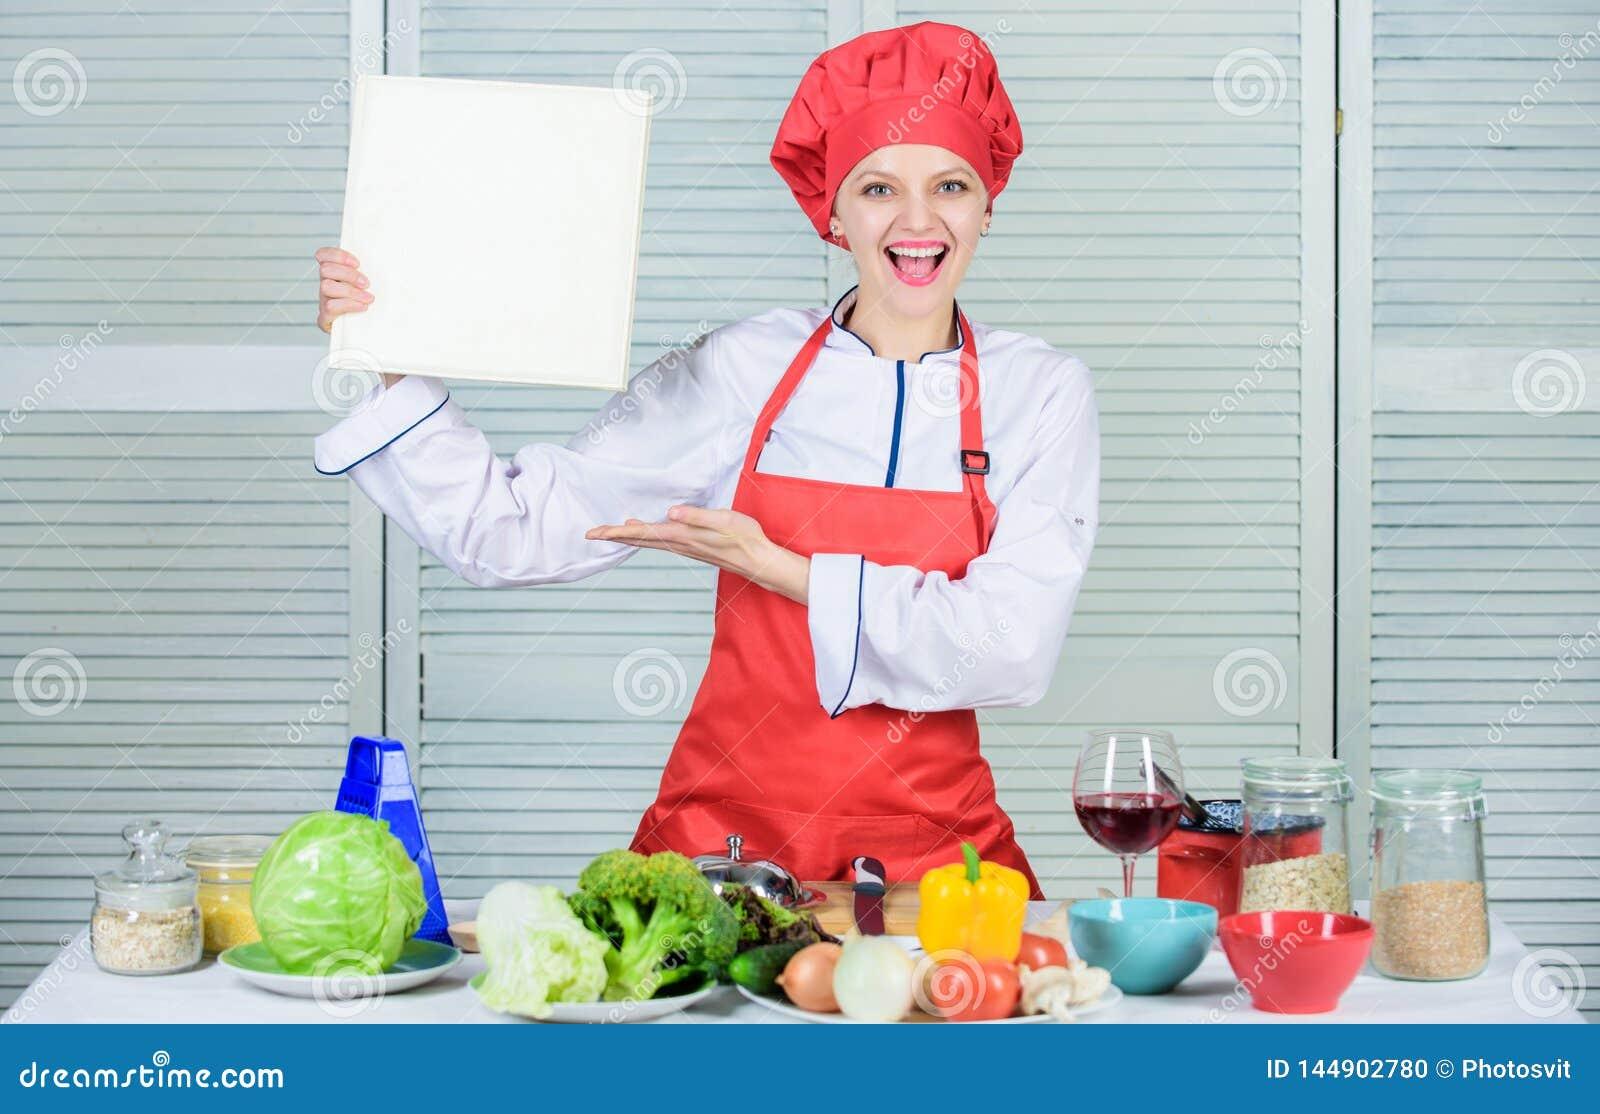 Libro scritto da me Libro dal cuoco unico famoso Improve che cucina abilit? Ricette del libro Secondo la ricetta Cuoco unico Cook